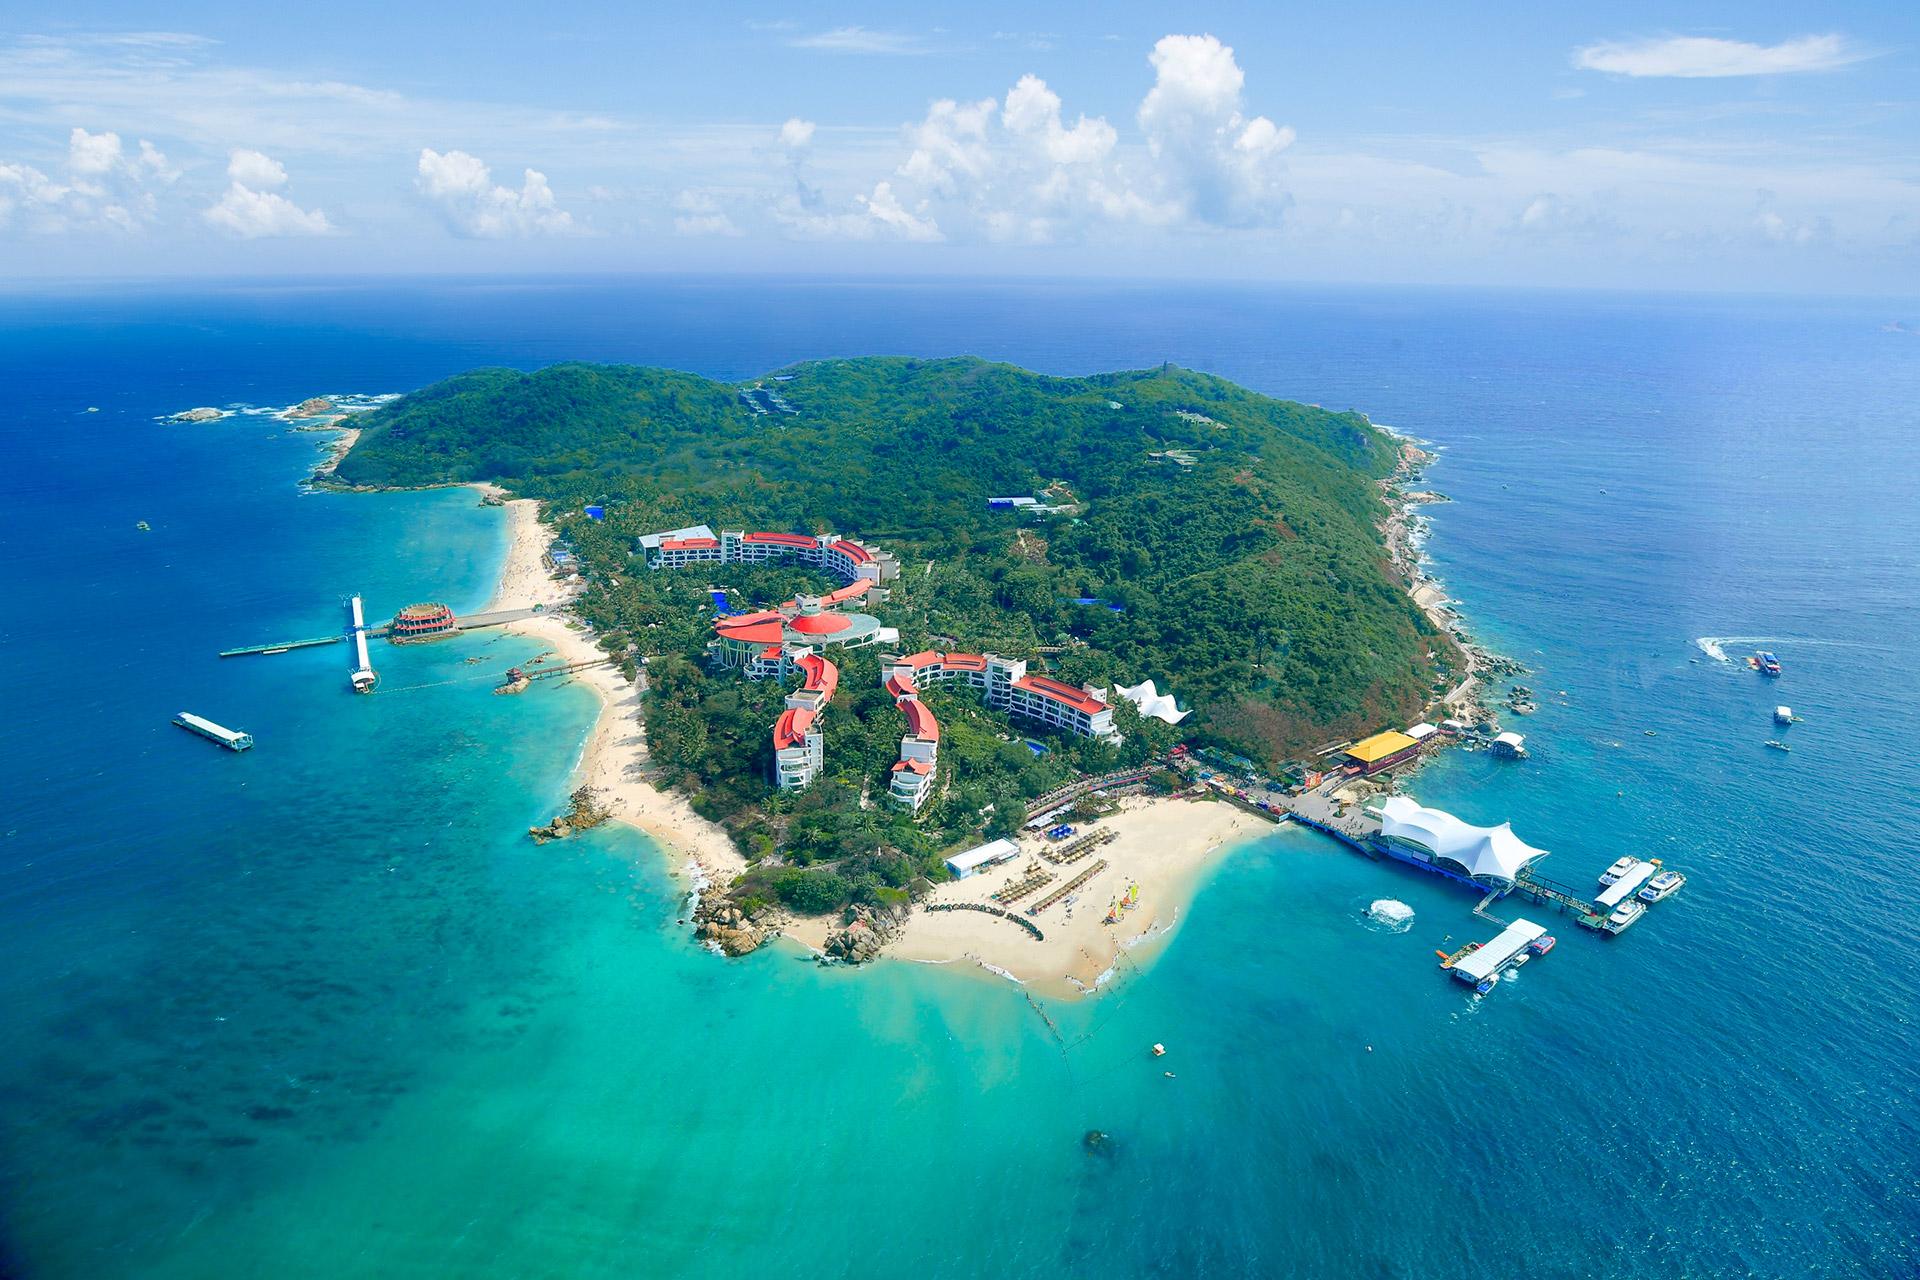 蜈支洲岛旅游区